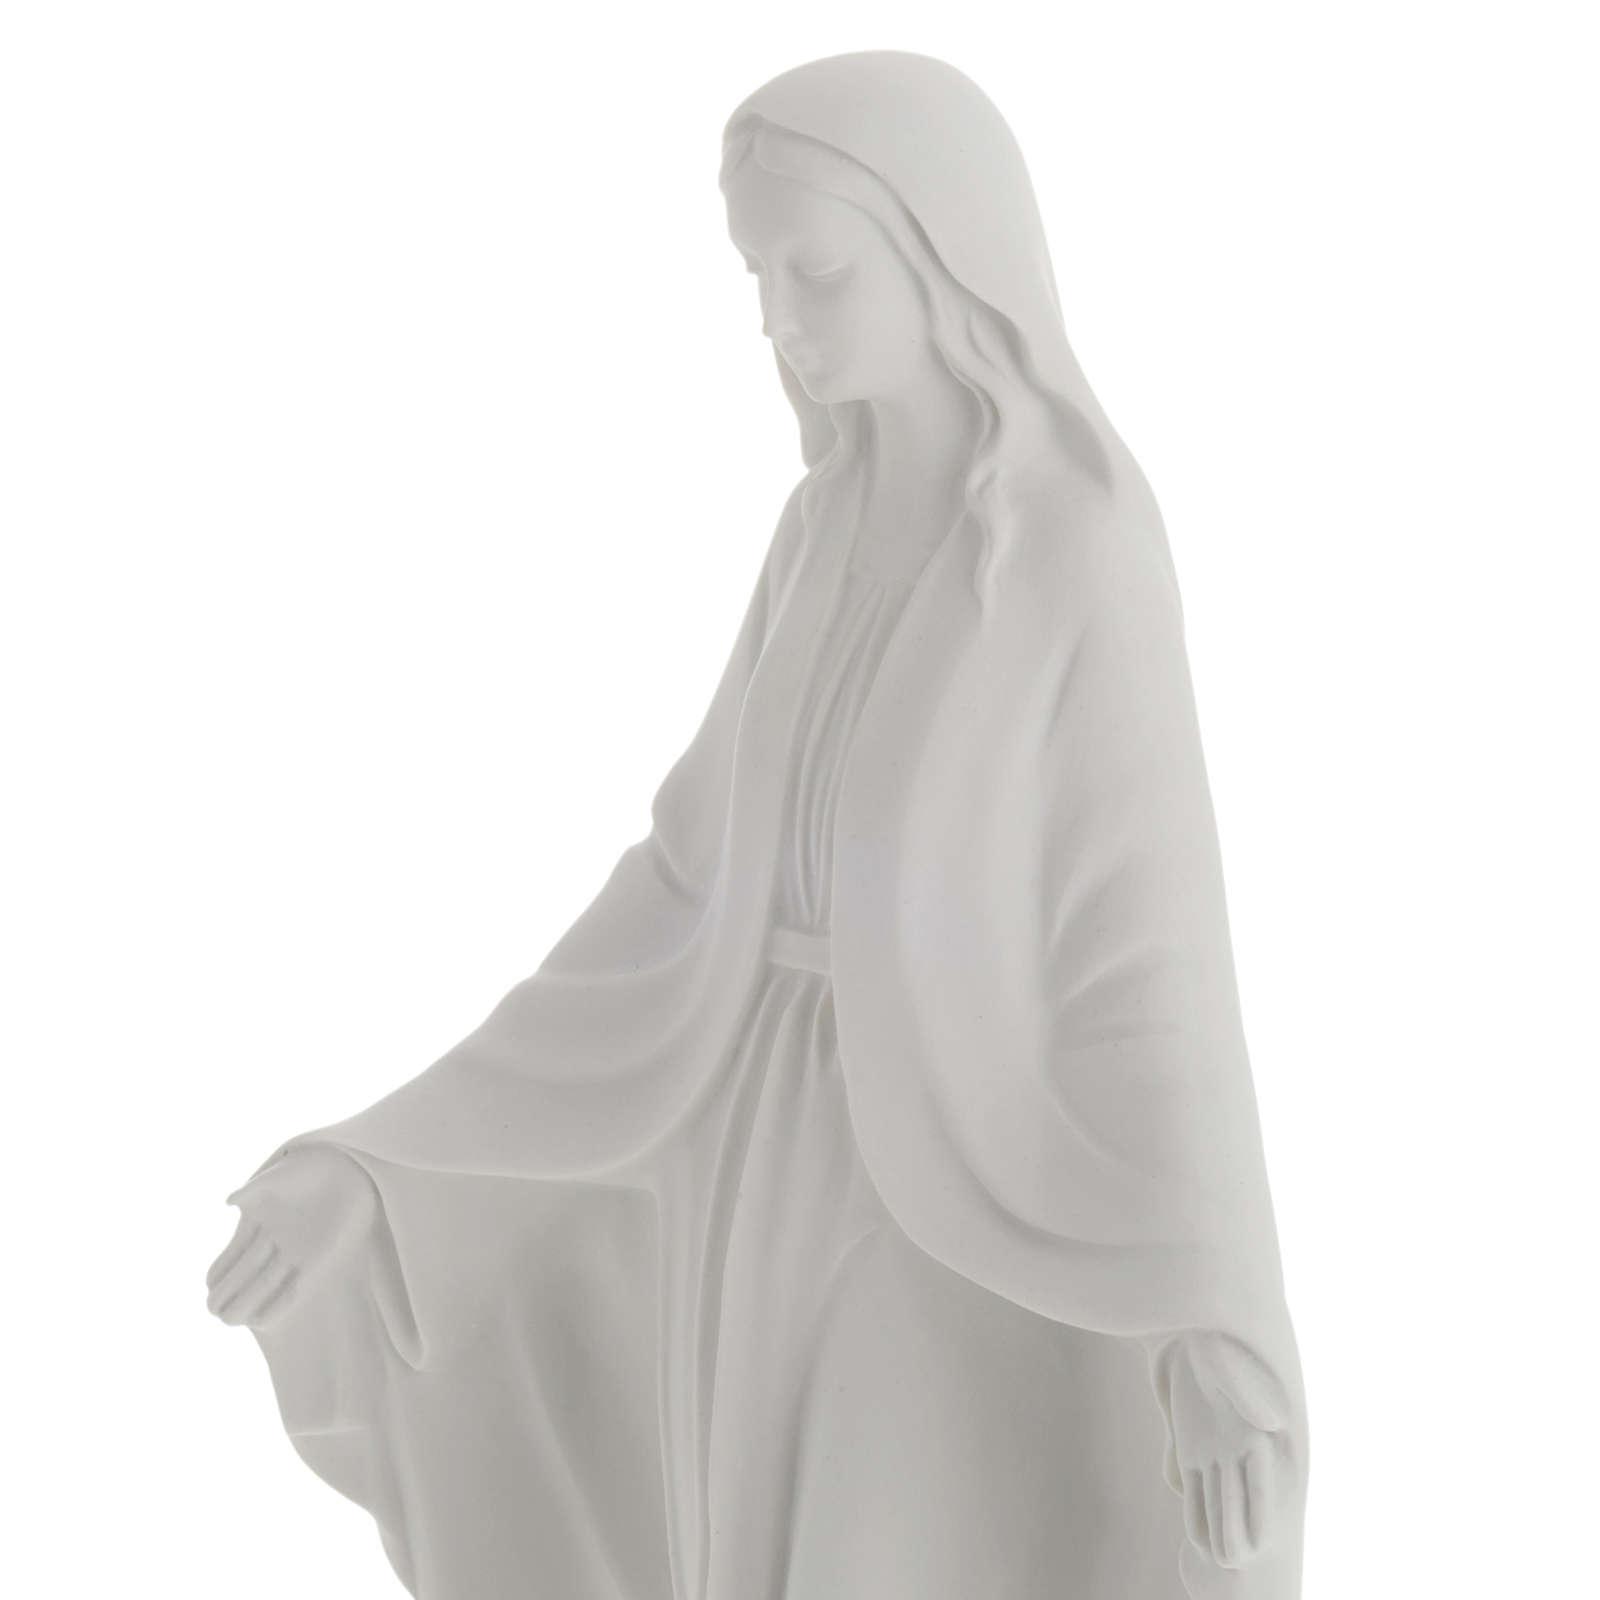 Statua Madonna Immacolata marmo sintetico bianco 40 cm 4